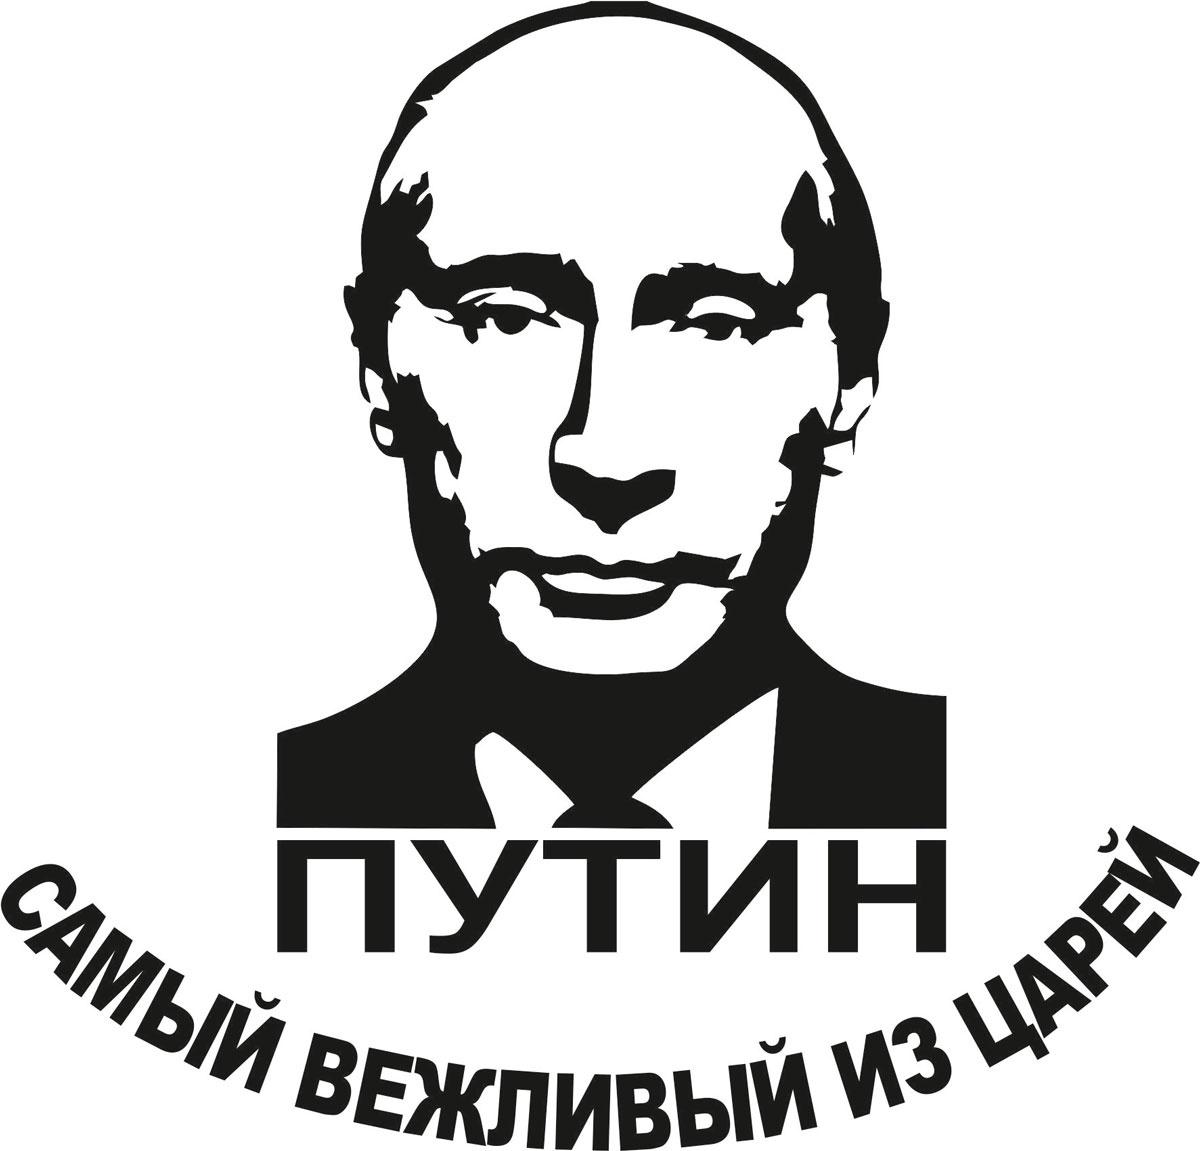 Фото - Наклейка ОранжевыйСлоник виниловая путин для авто или интерьера, Винил авто